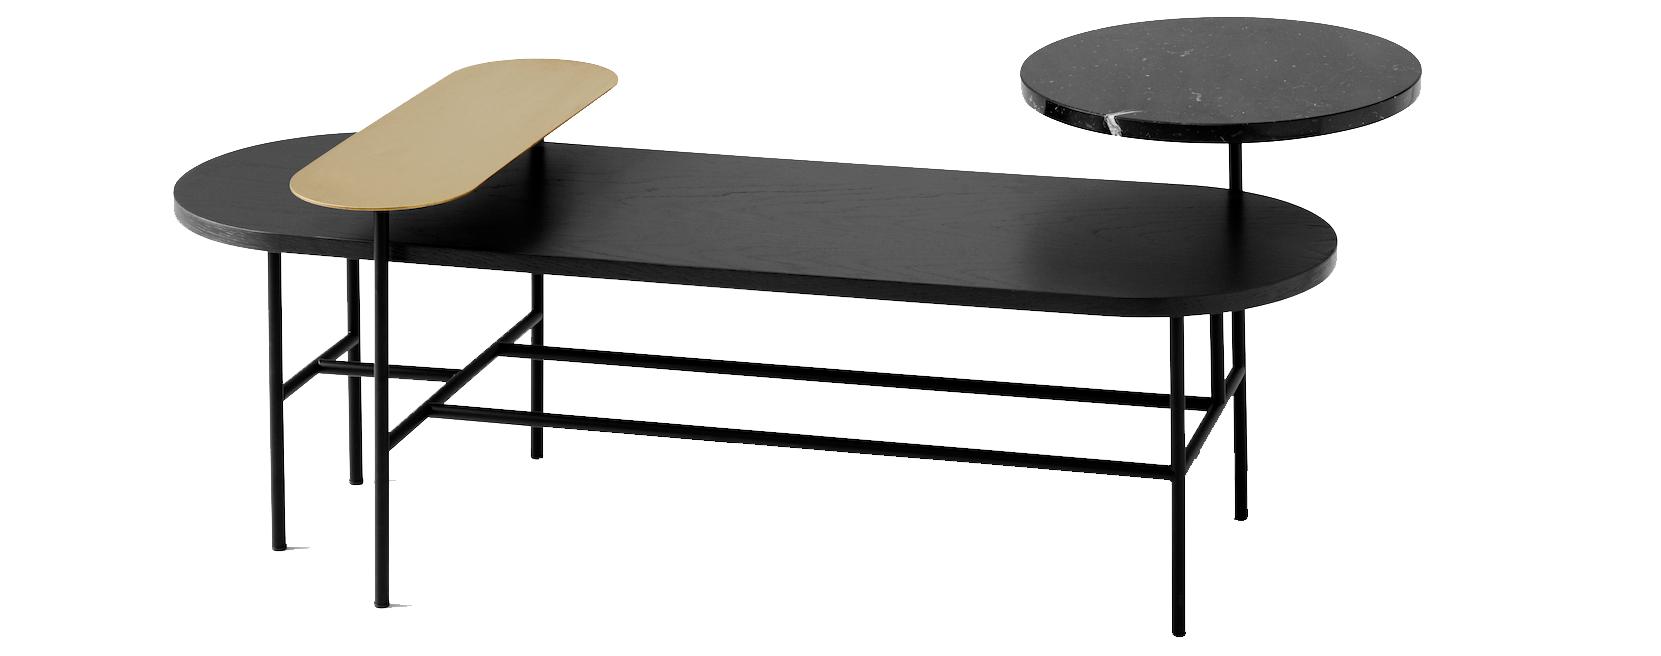 Palette Table Jh72